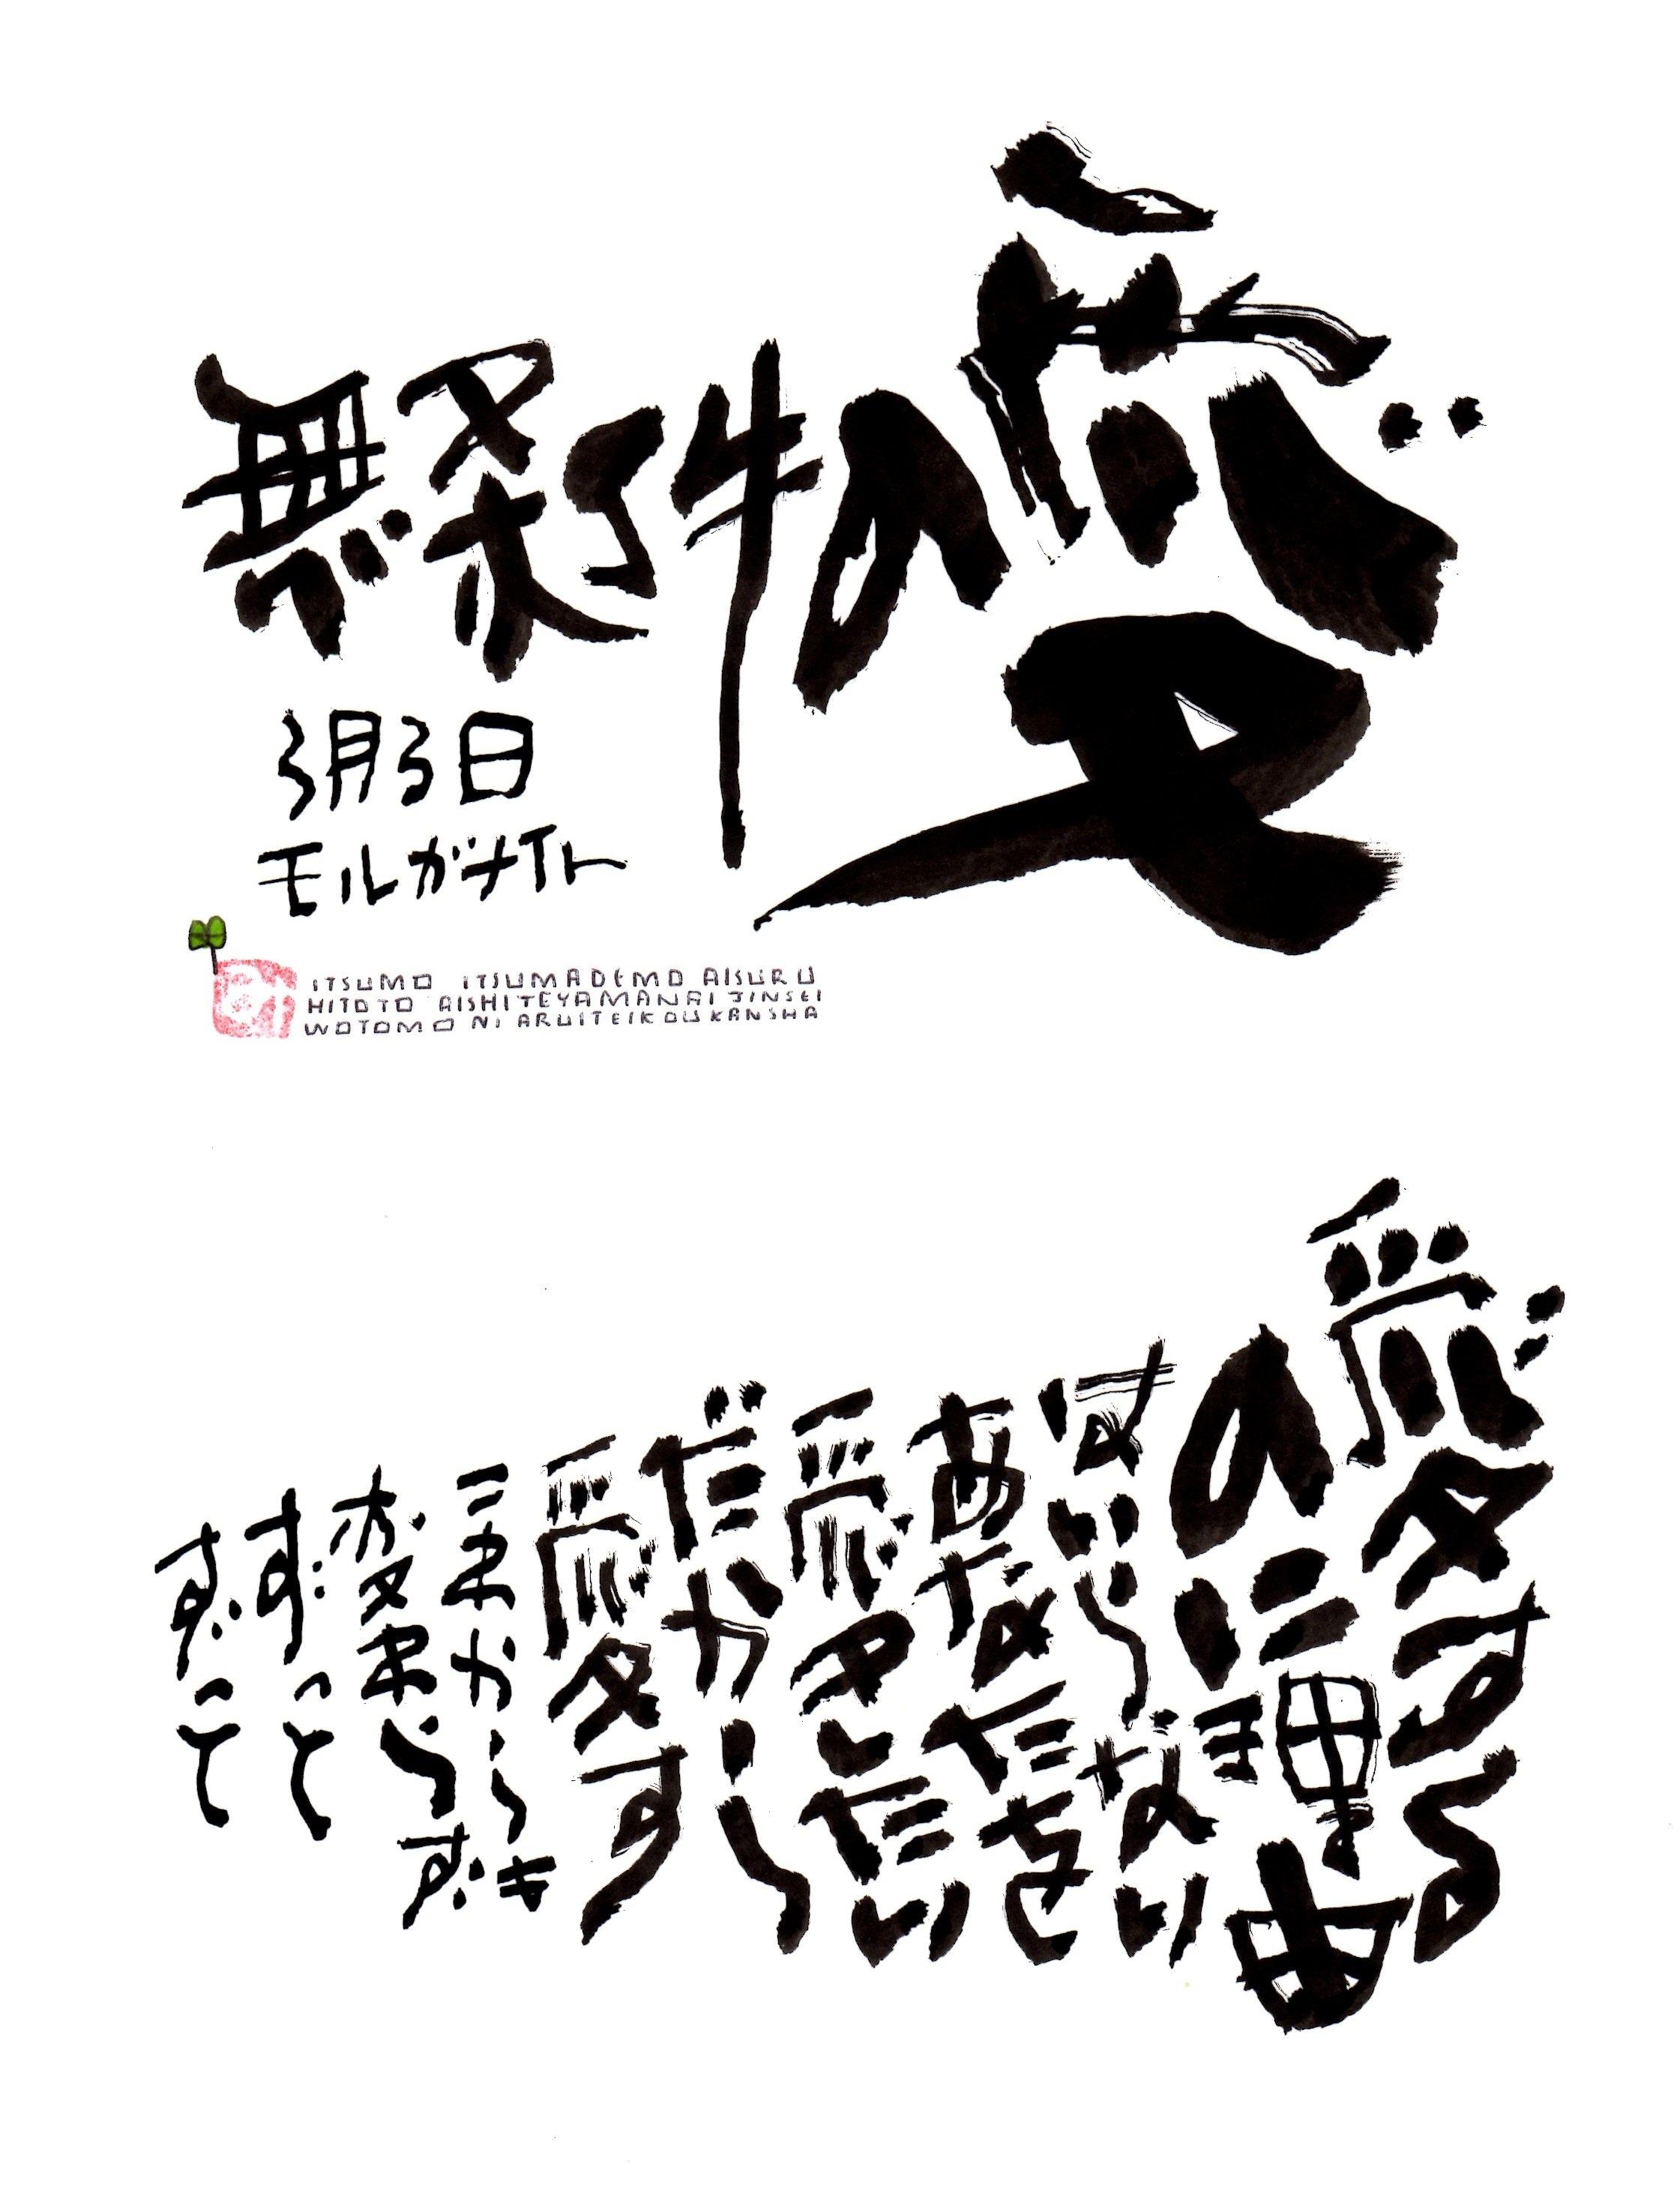 3月3日 結婚記念日ポストカード【無条件の愛】